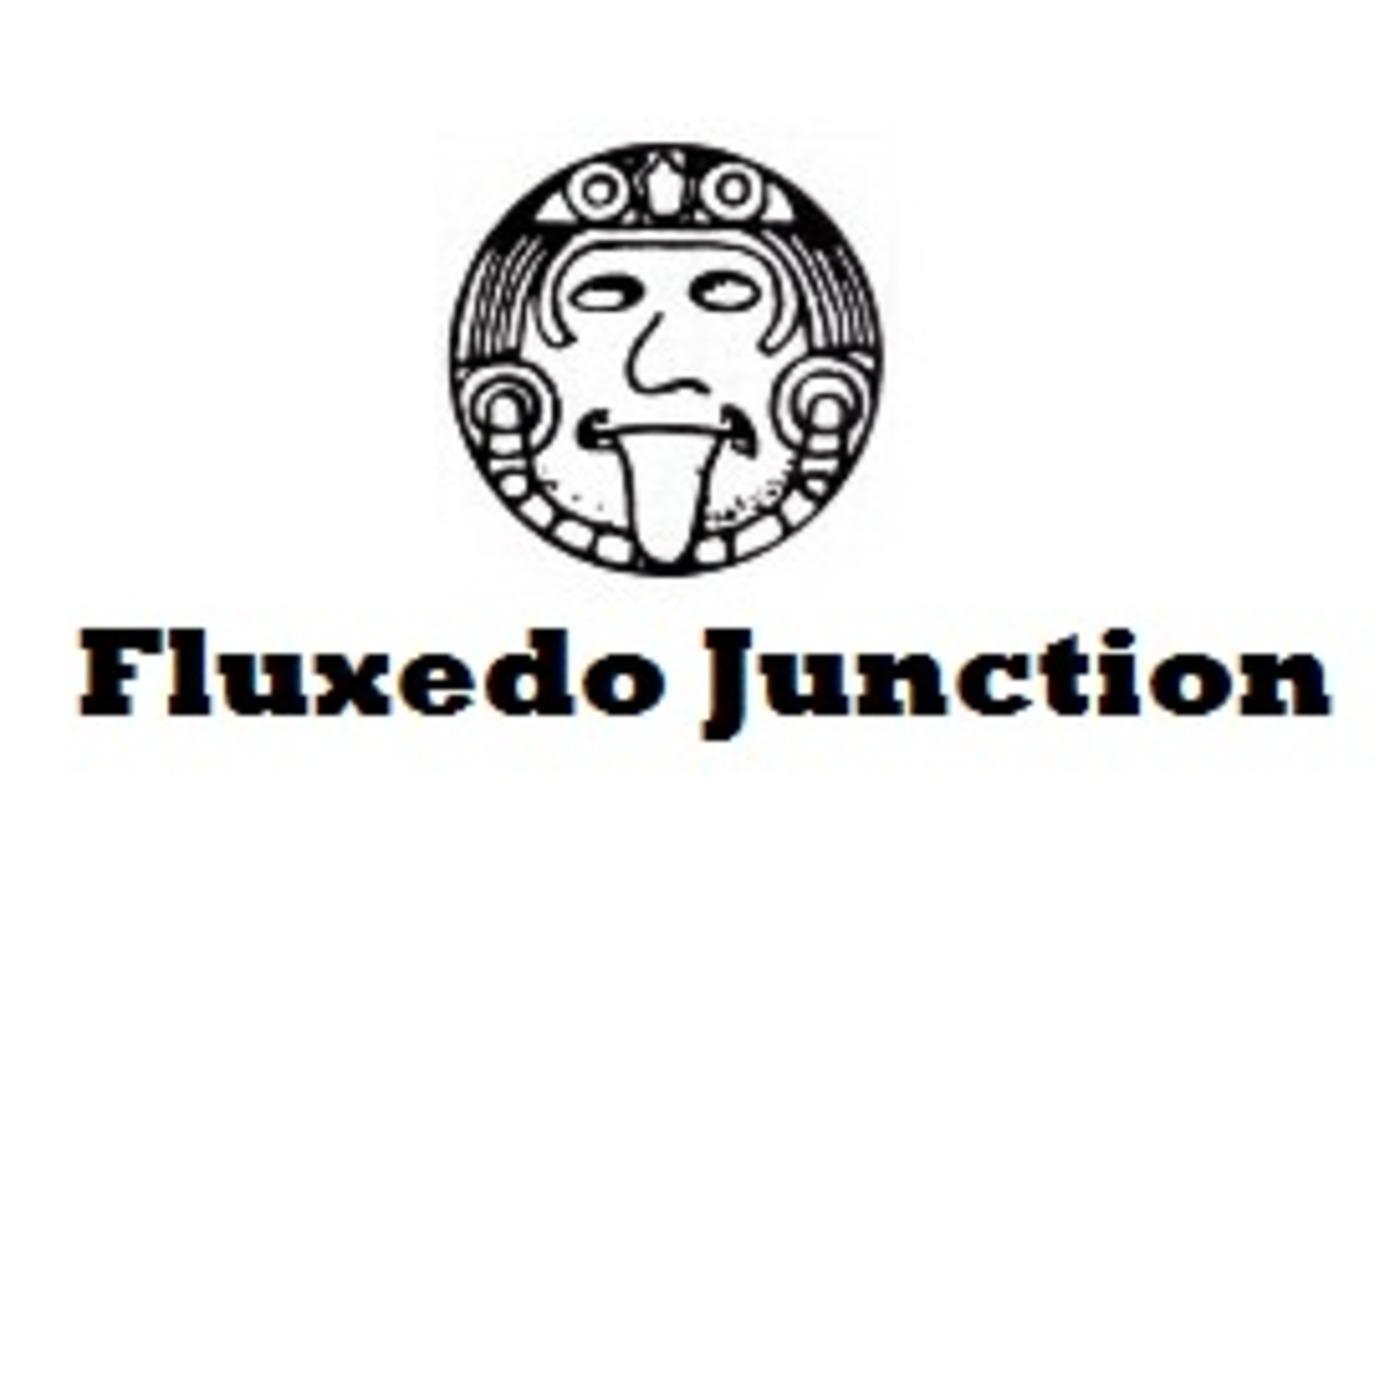 Fluxedo Junction